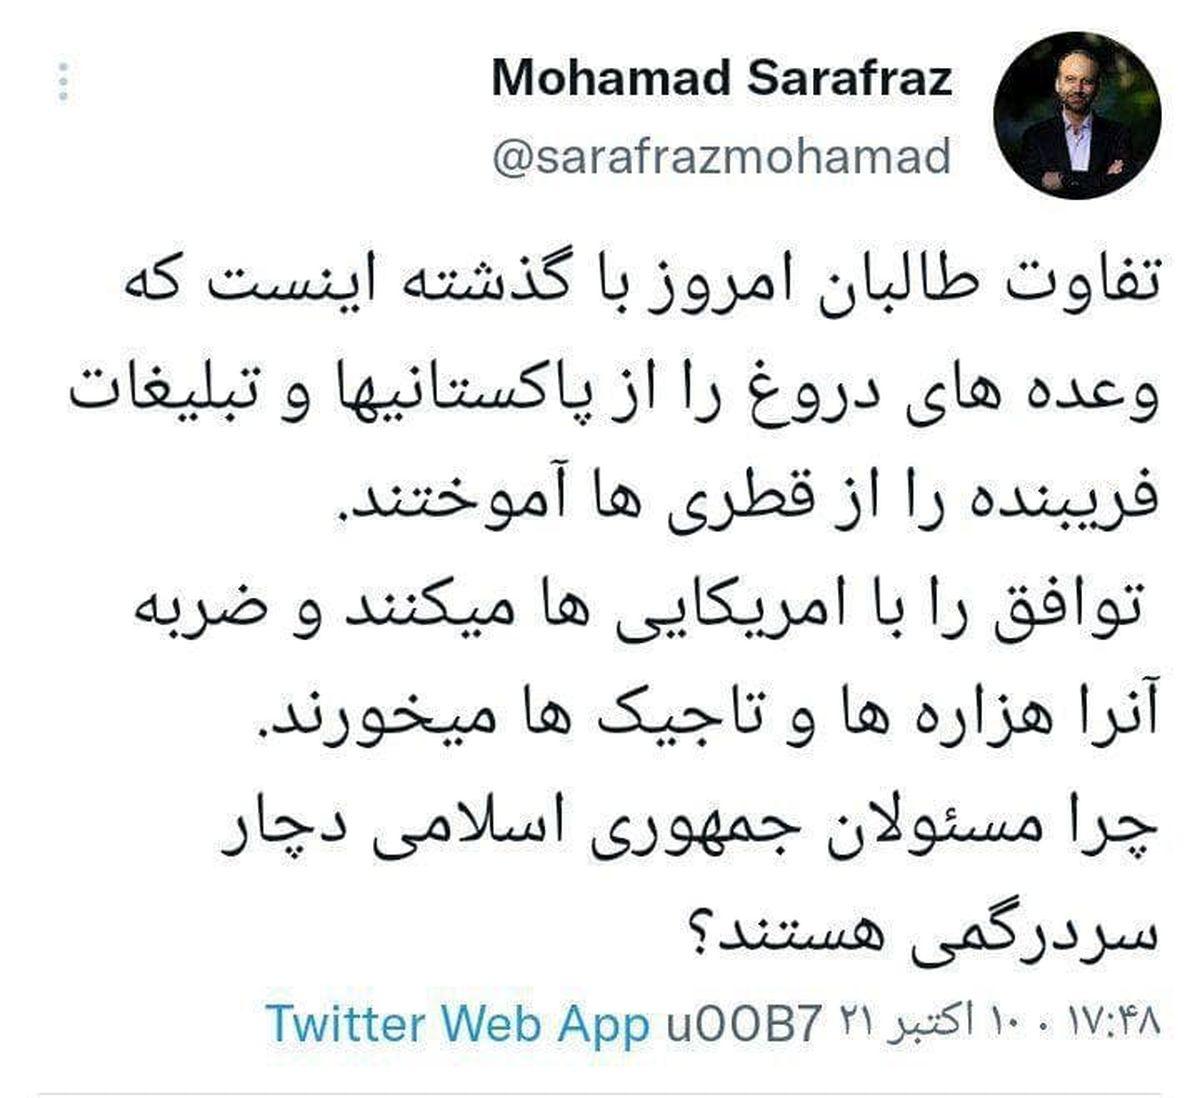 واکنش رئیس سابق صداوسیما به جنایات طالبان